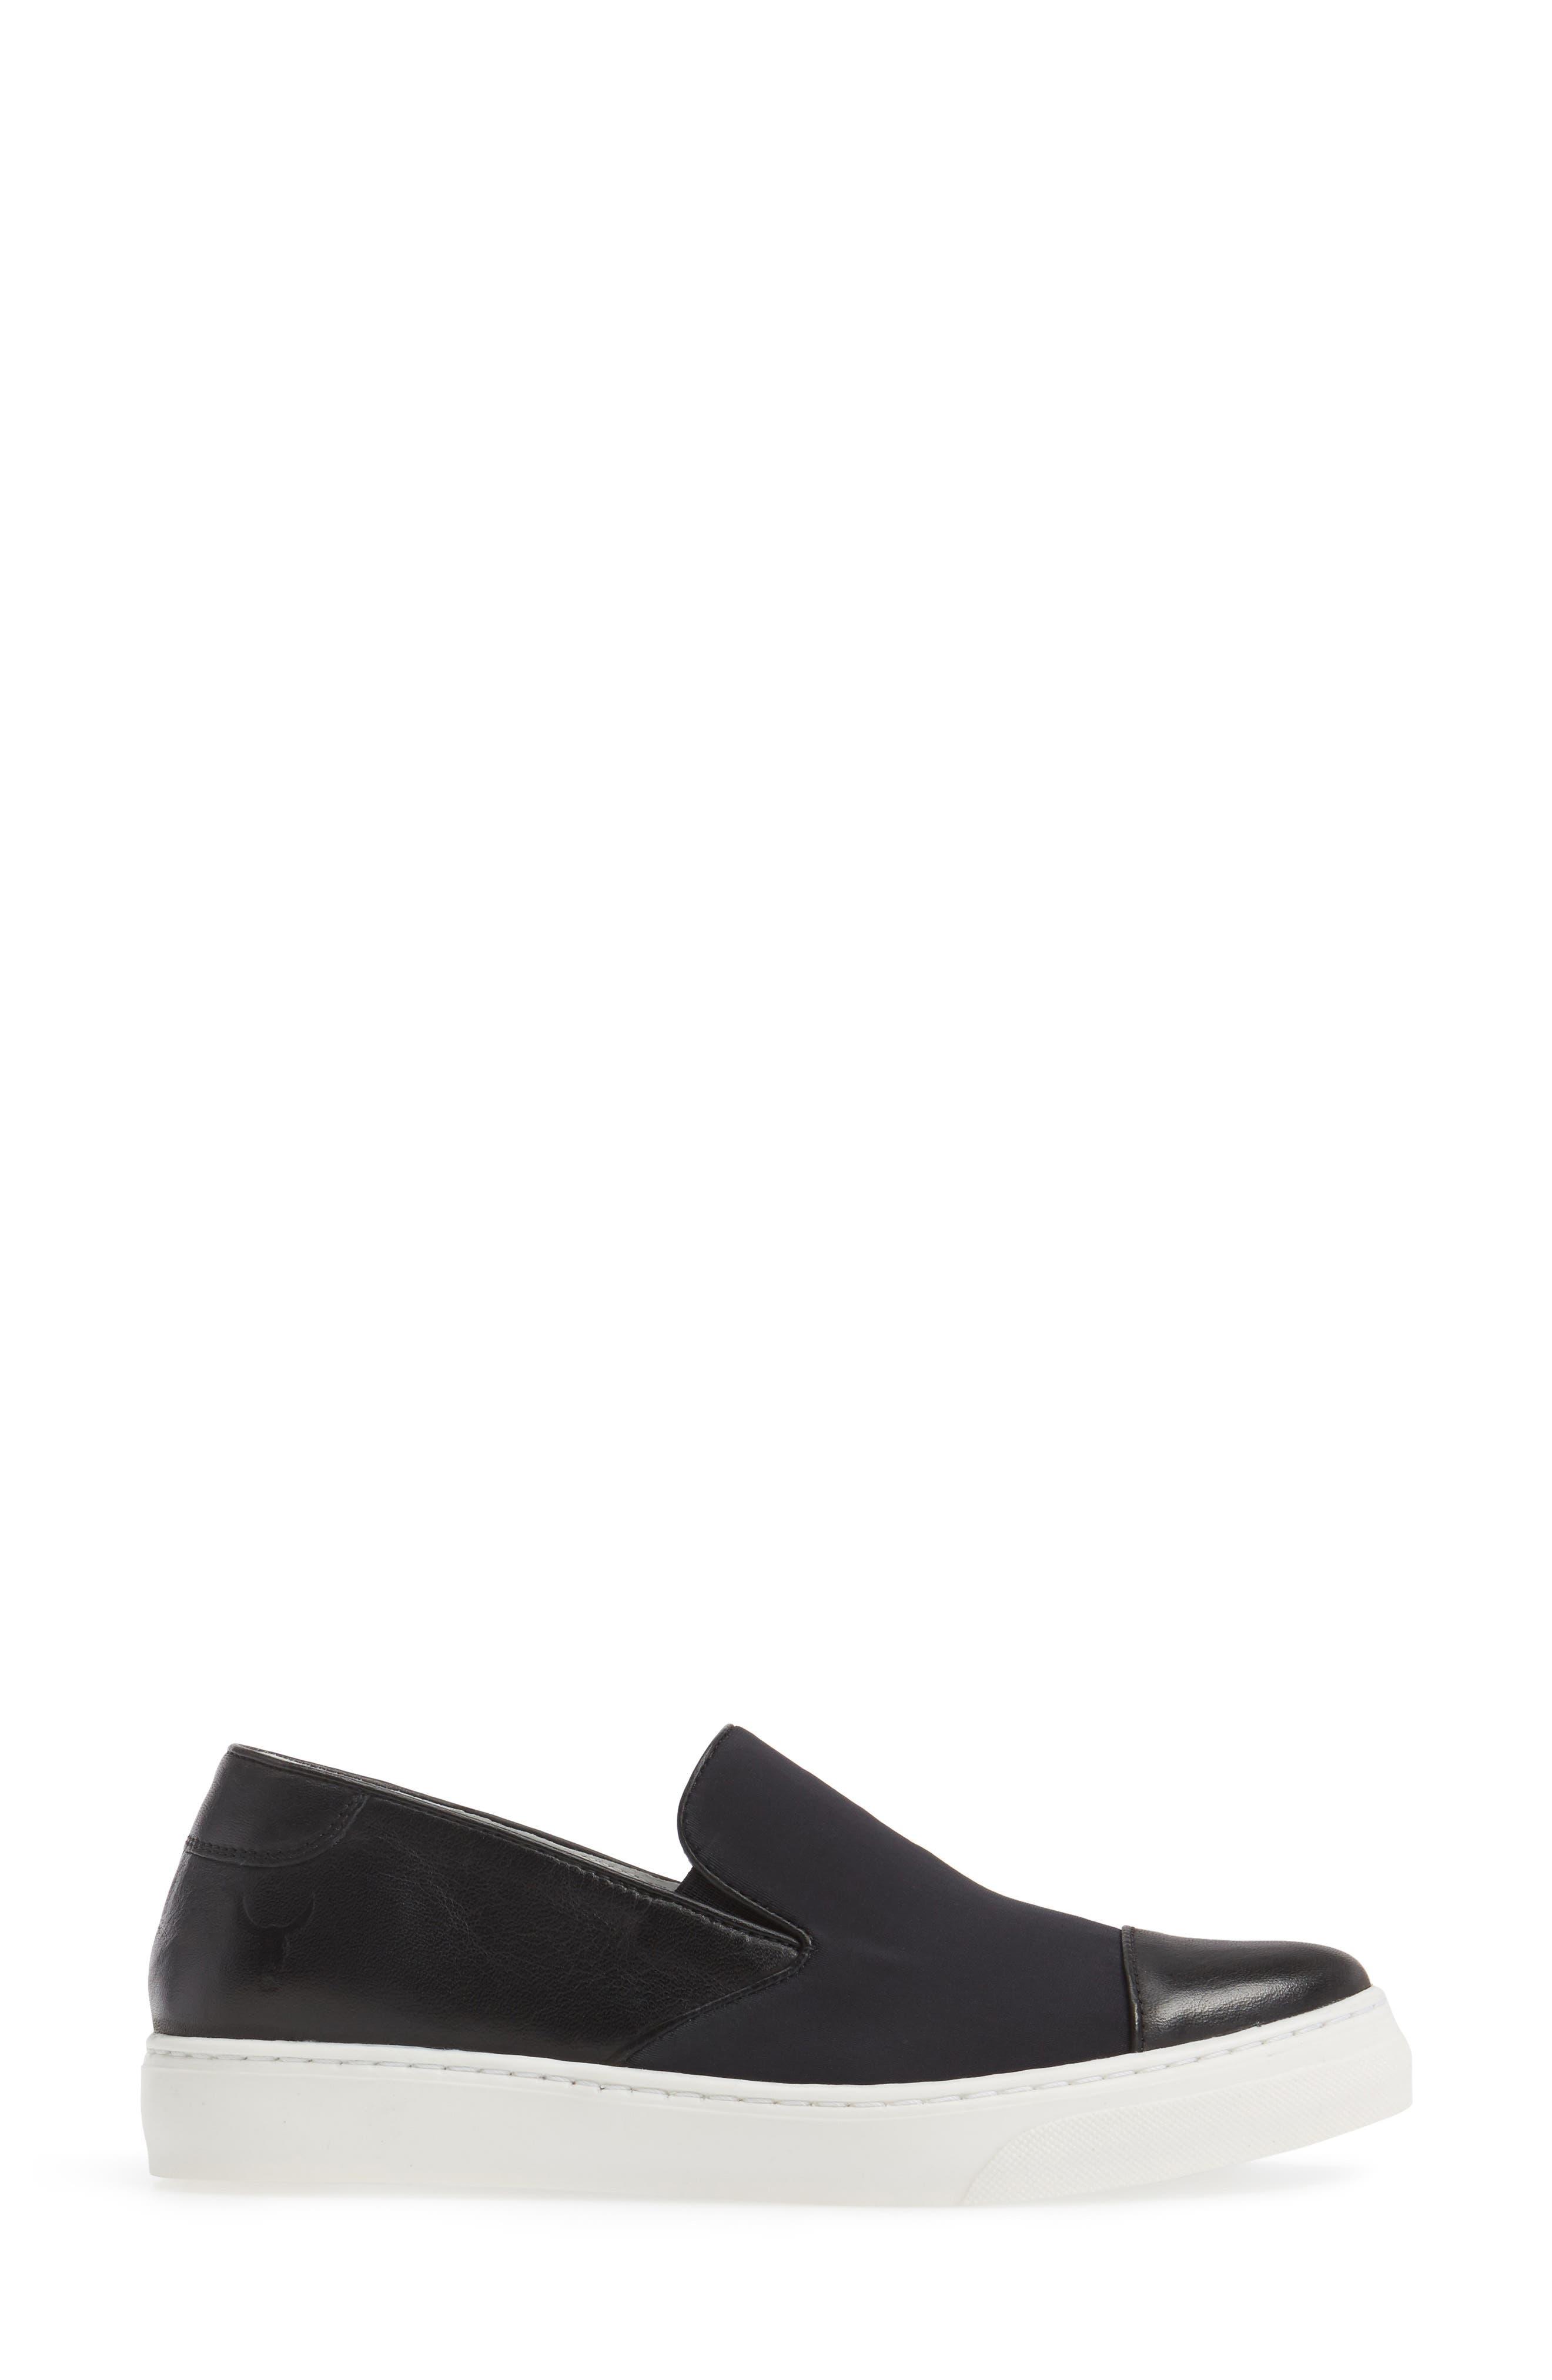 Betsy Slip-On Sneaker,                             Alternate thumbnail 3, color,                             001